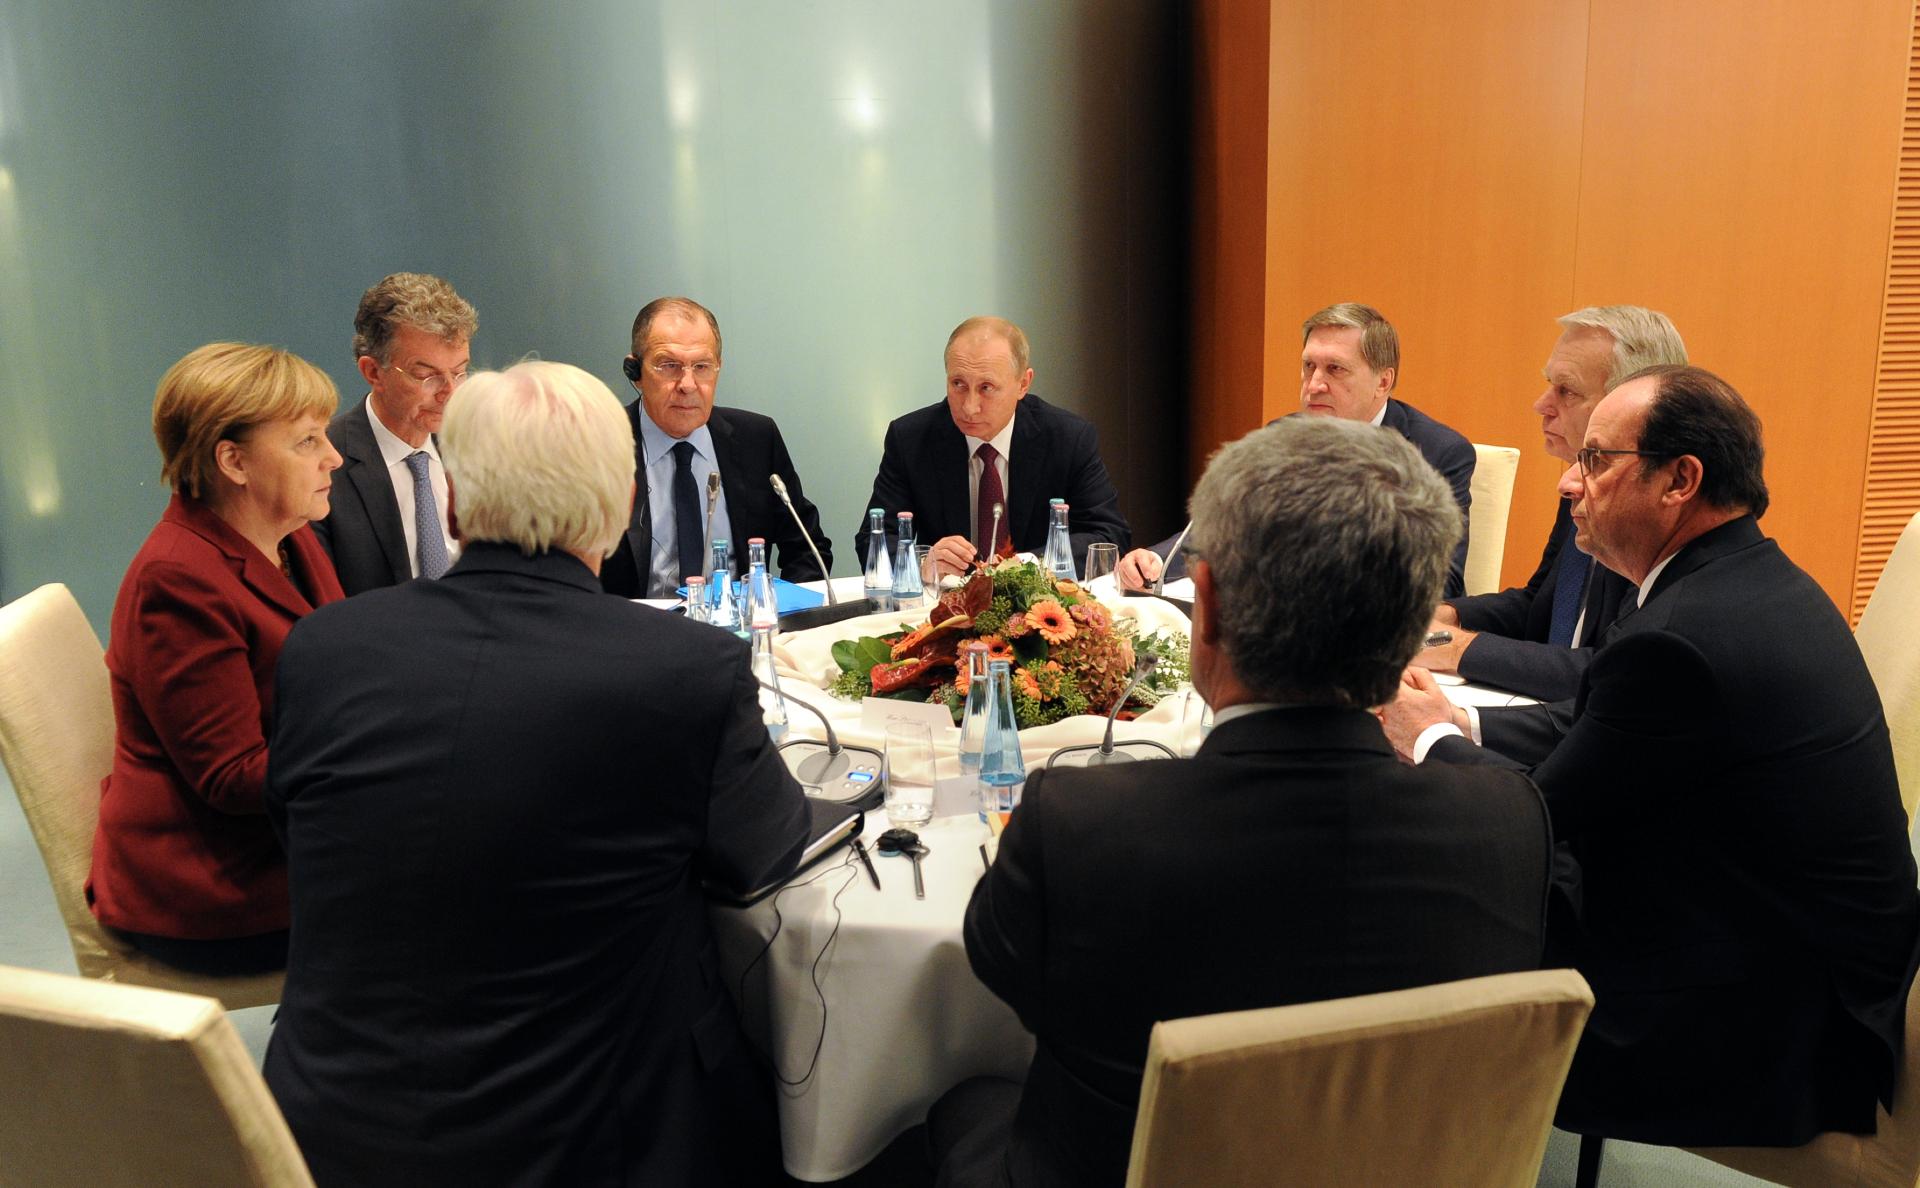 Фото:Михаил Климентьев / РИА Новости